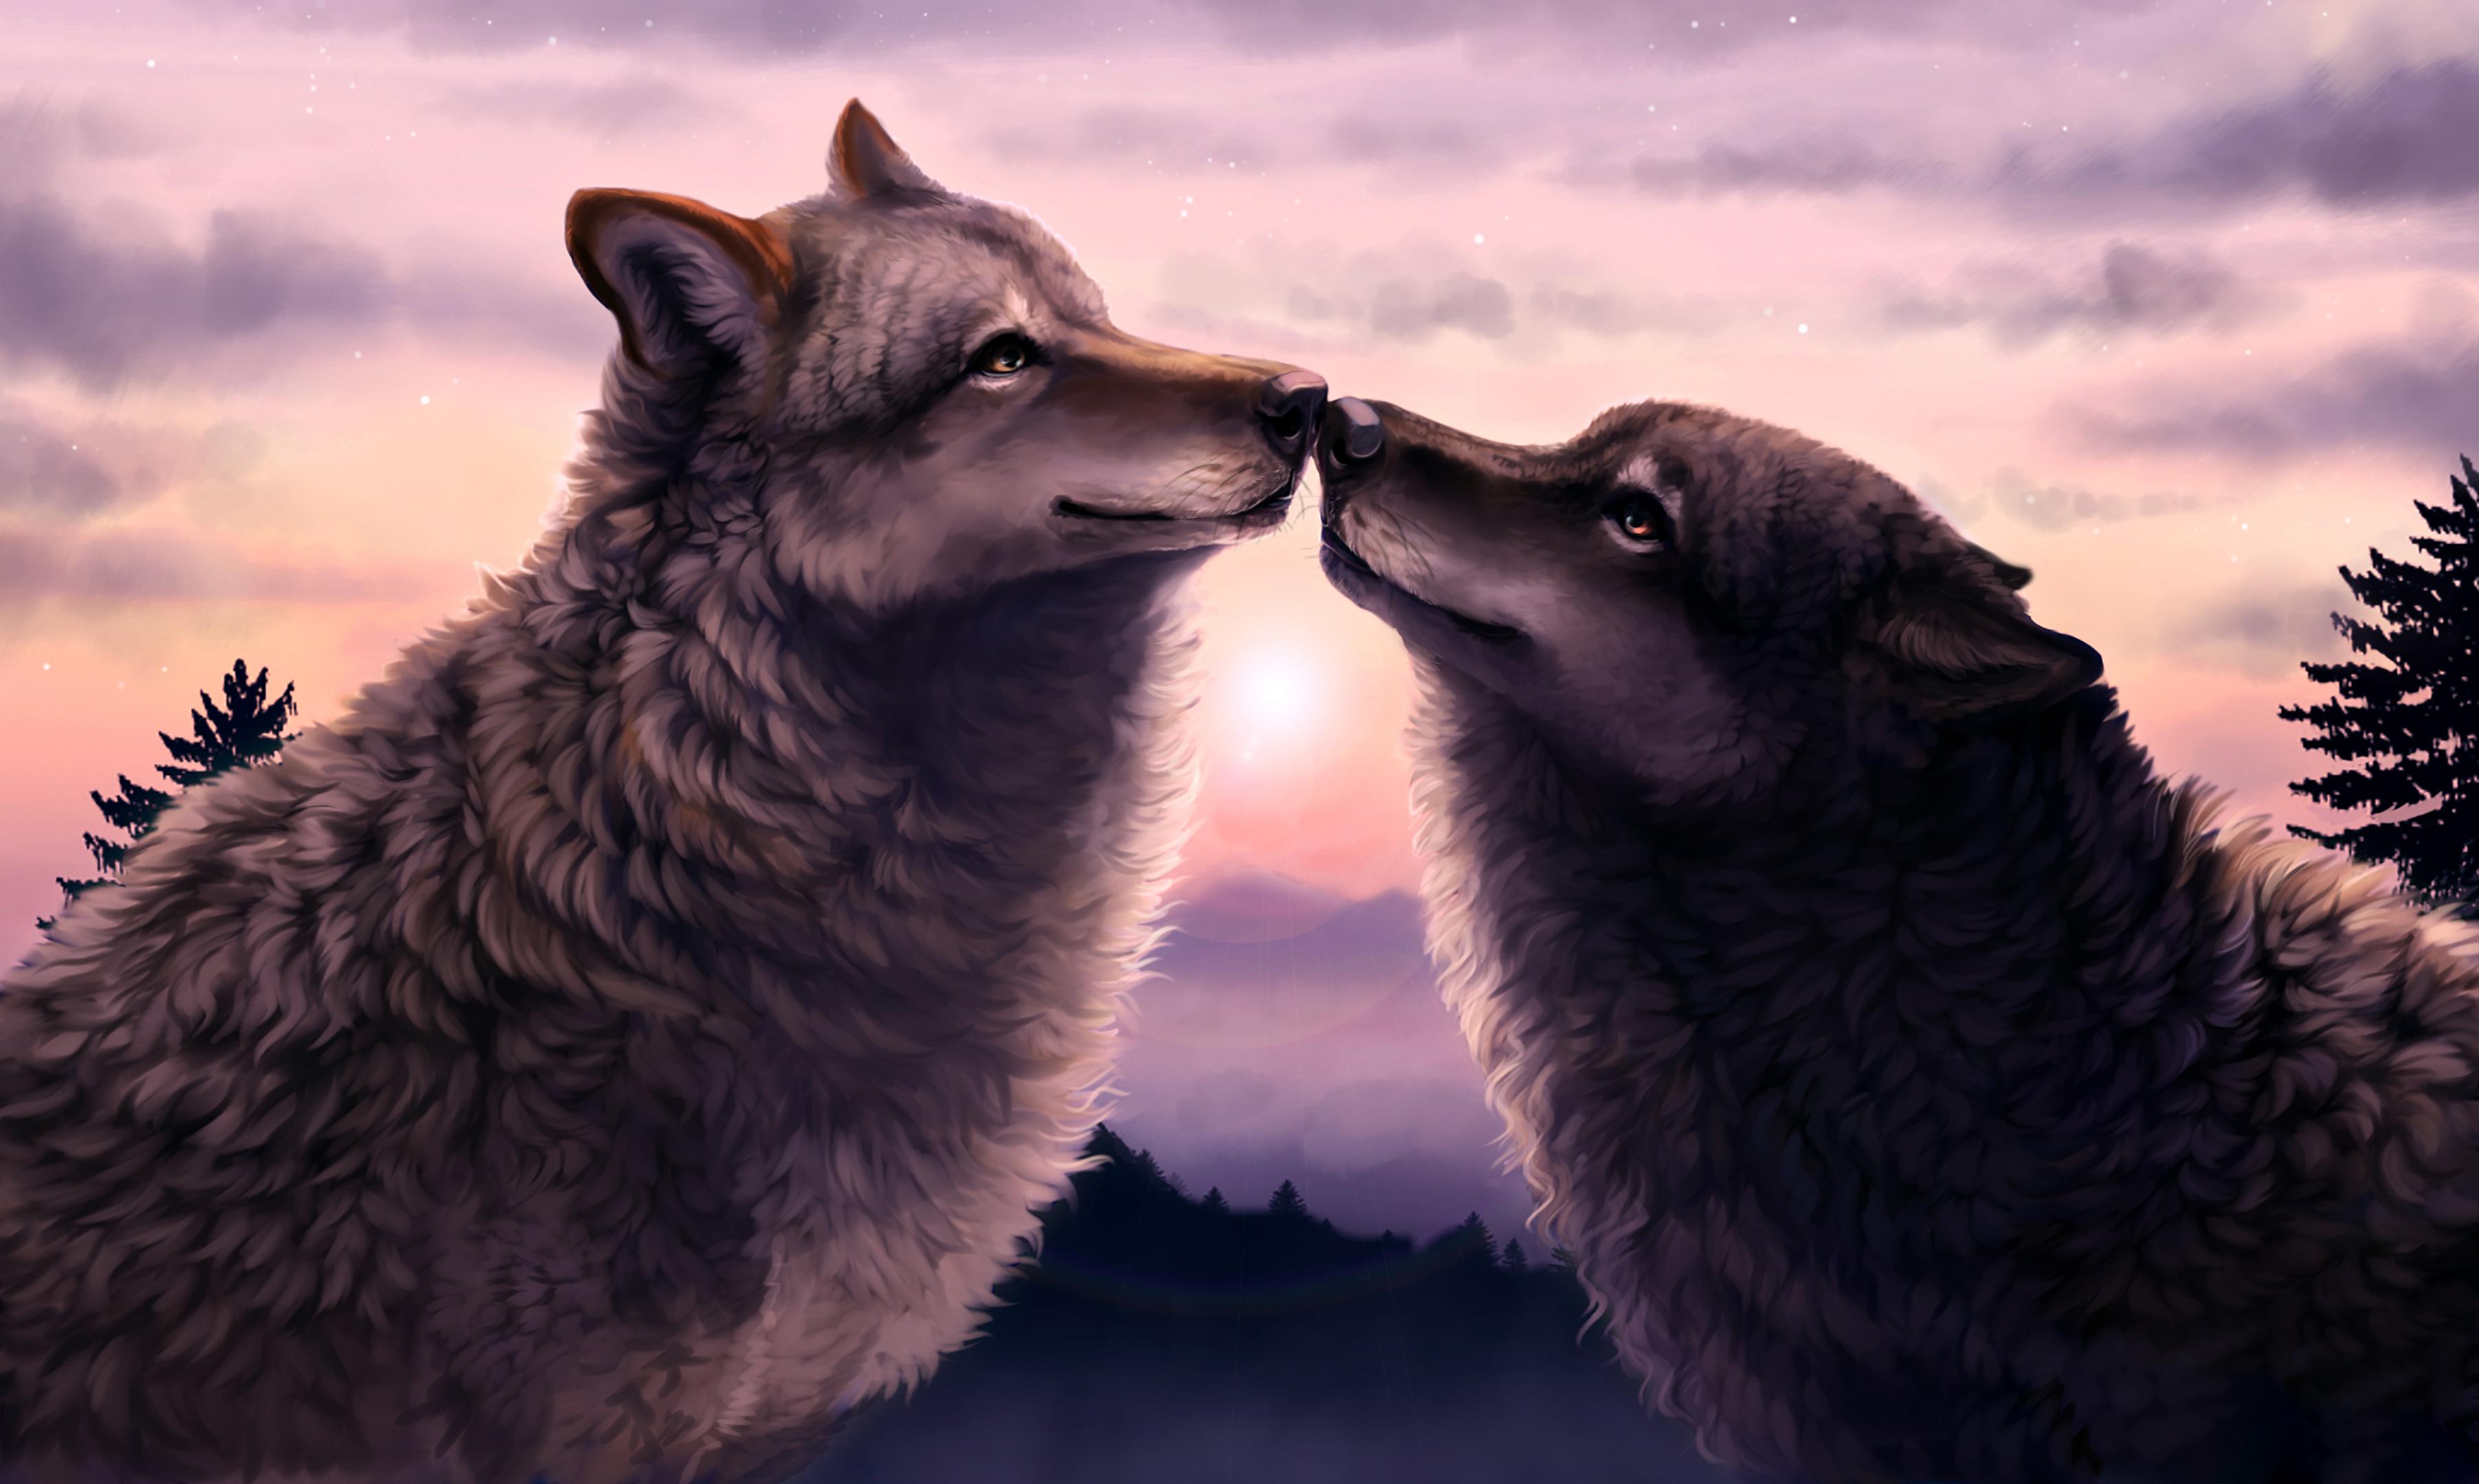 как целующиеся волки признания в любви картинки купальники как